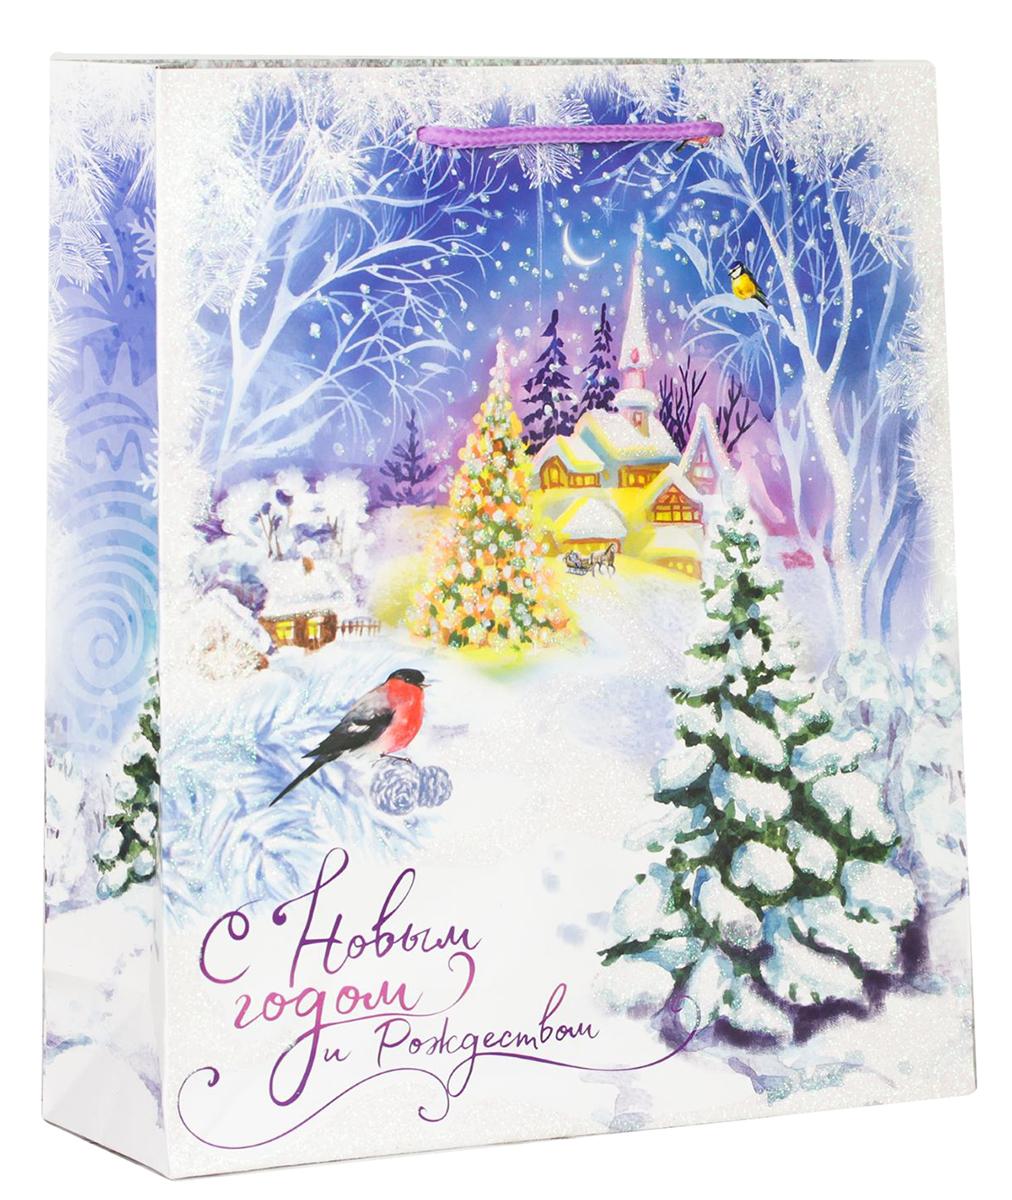 Пакет подарочный Дарите Счастье Сказка зимнего леса, цвет: мультиколор, 12 х 5,5 х 15 см. 2113909 пакет подарочный дарите счастье пасхальные угощения цвет мультиколор 12 х 7 х 19 см 2678803